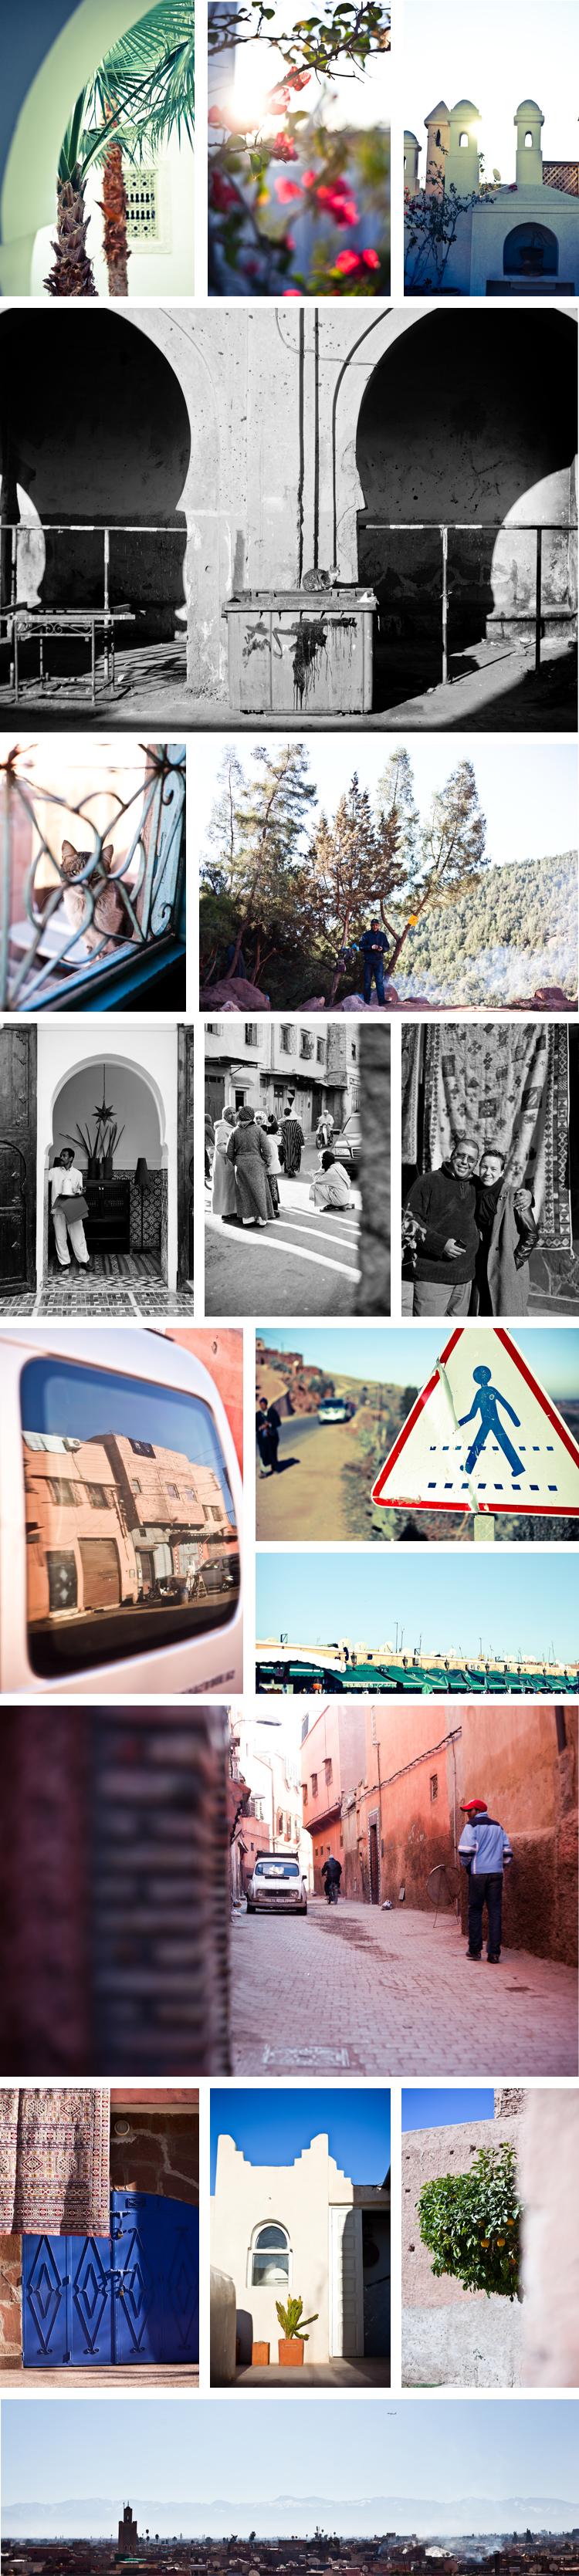 Morocco blog3